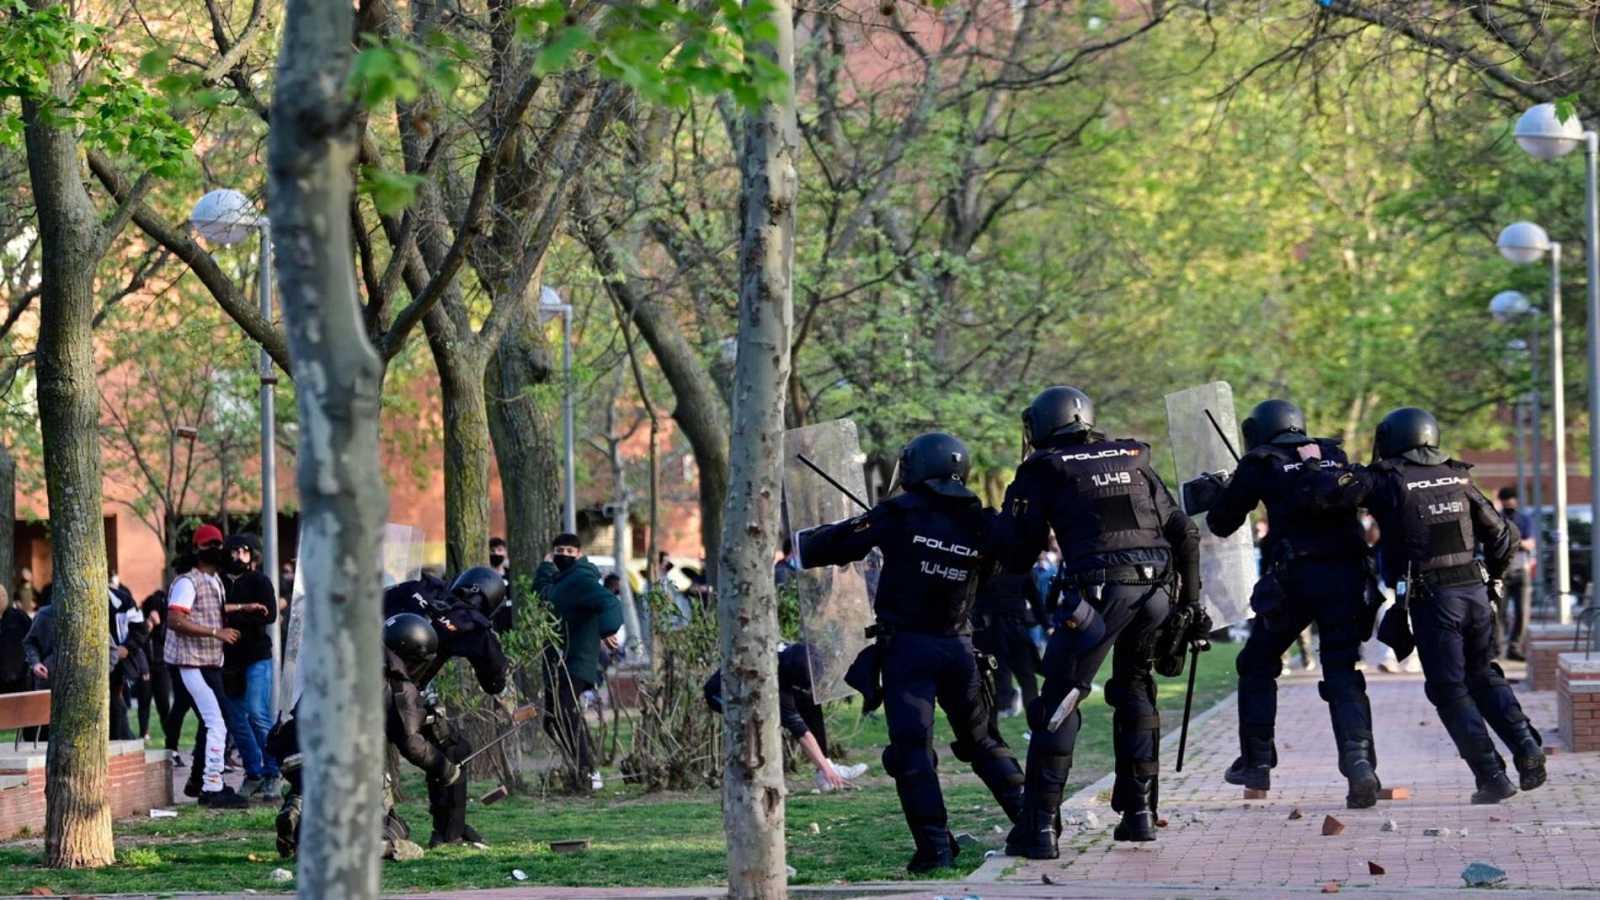 Cargas policiales y lanzamiento de objetos  marcan el acto de campaña de Vox en Vallecas